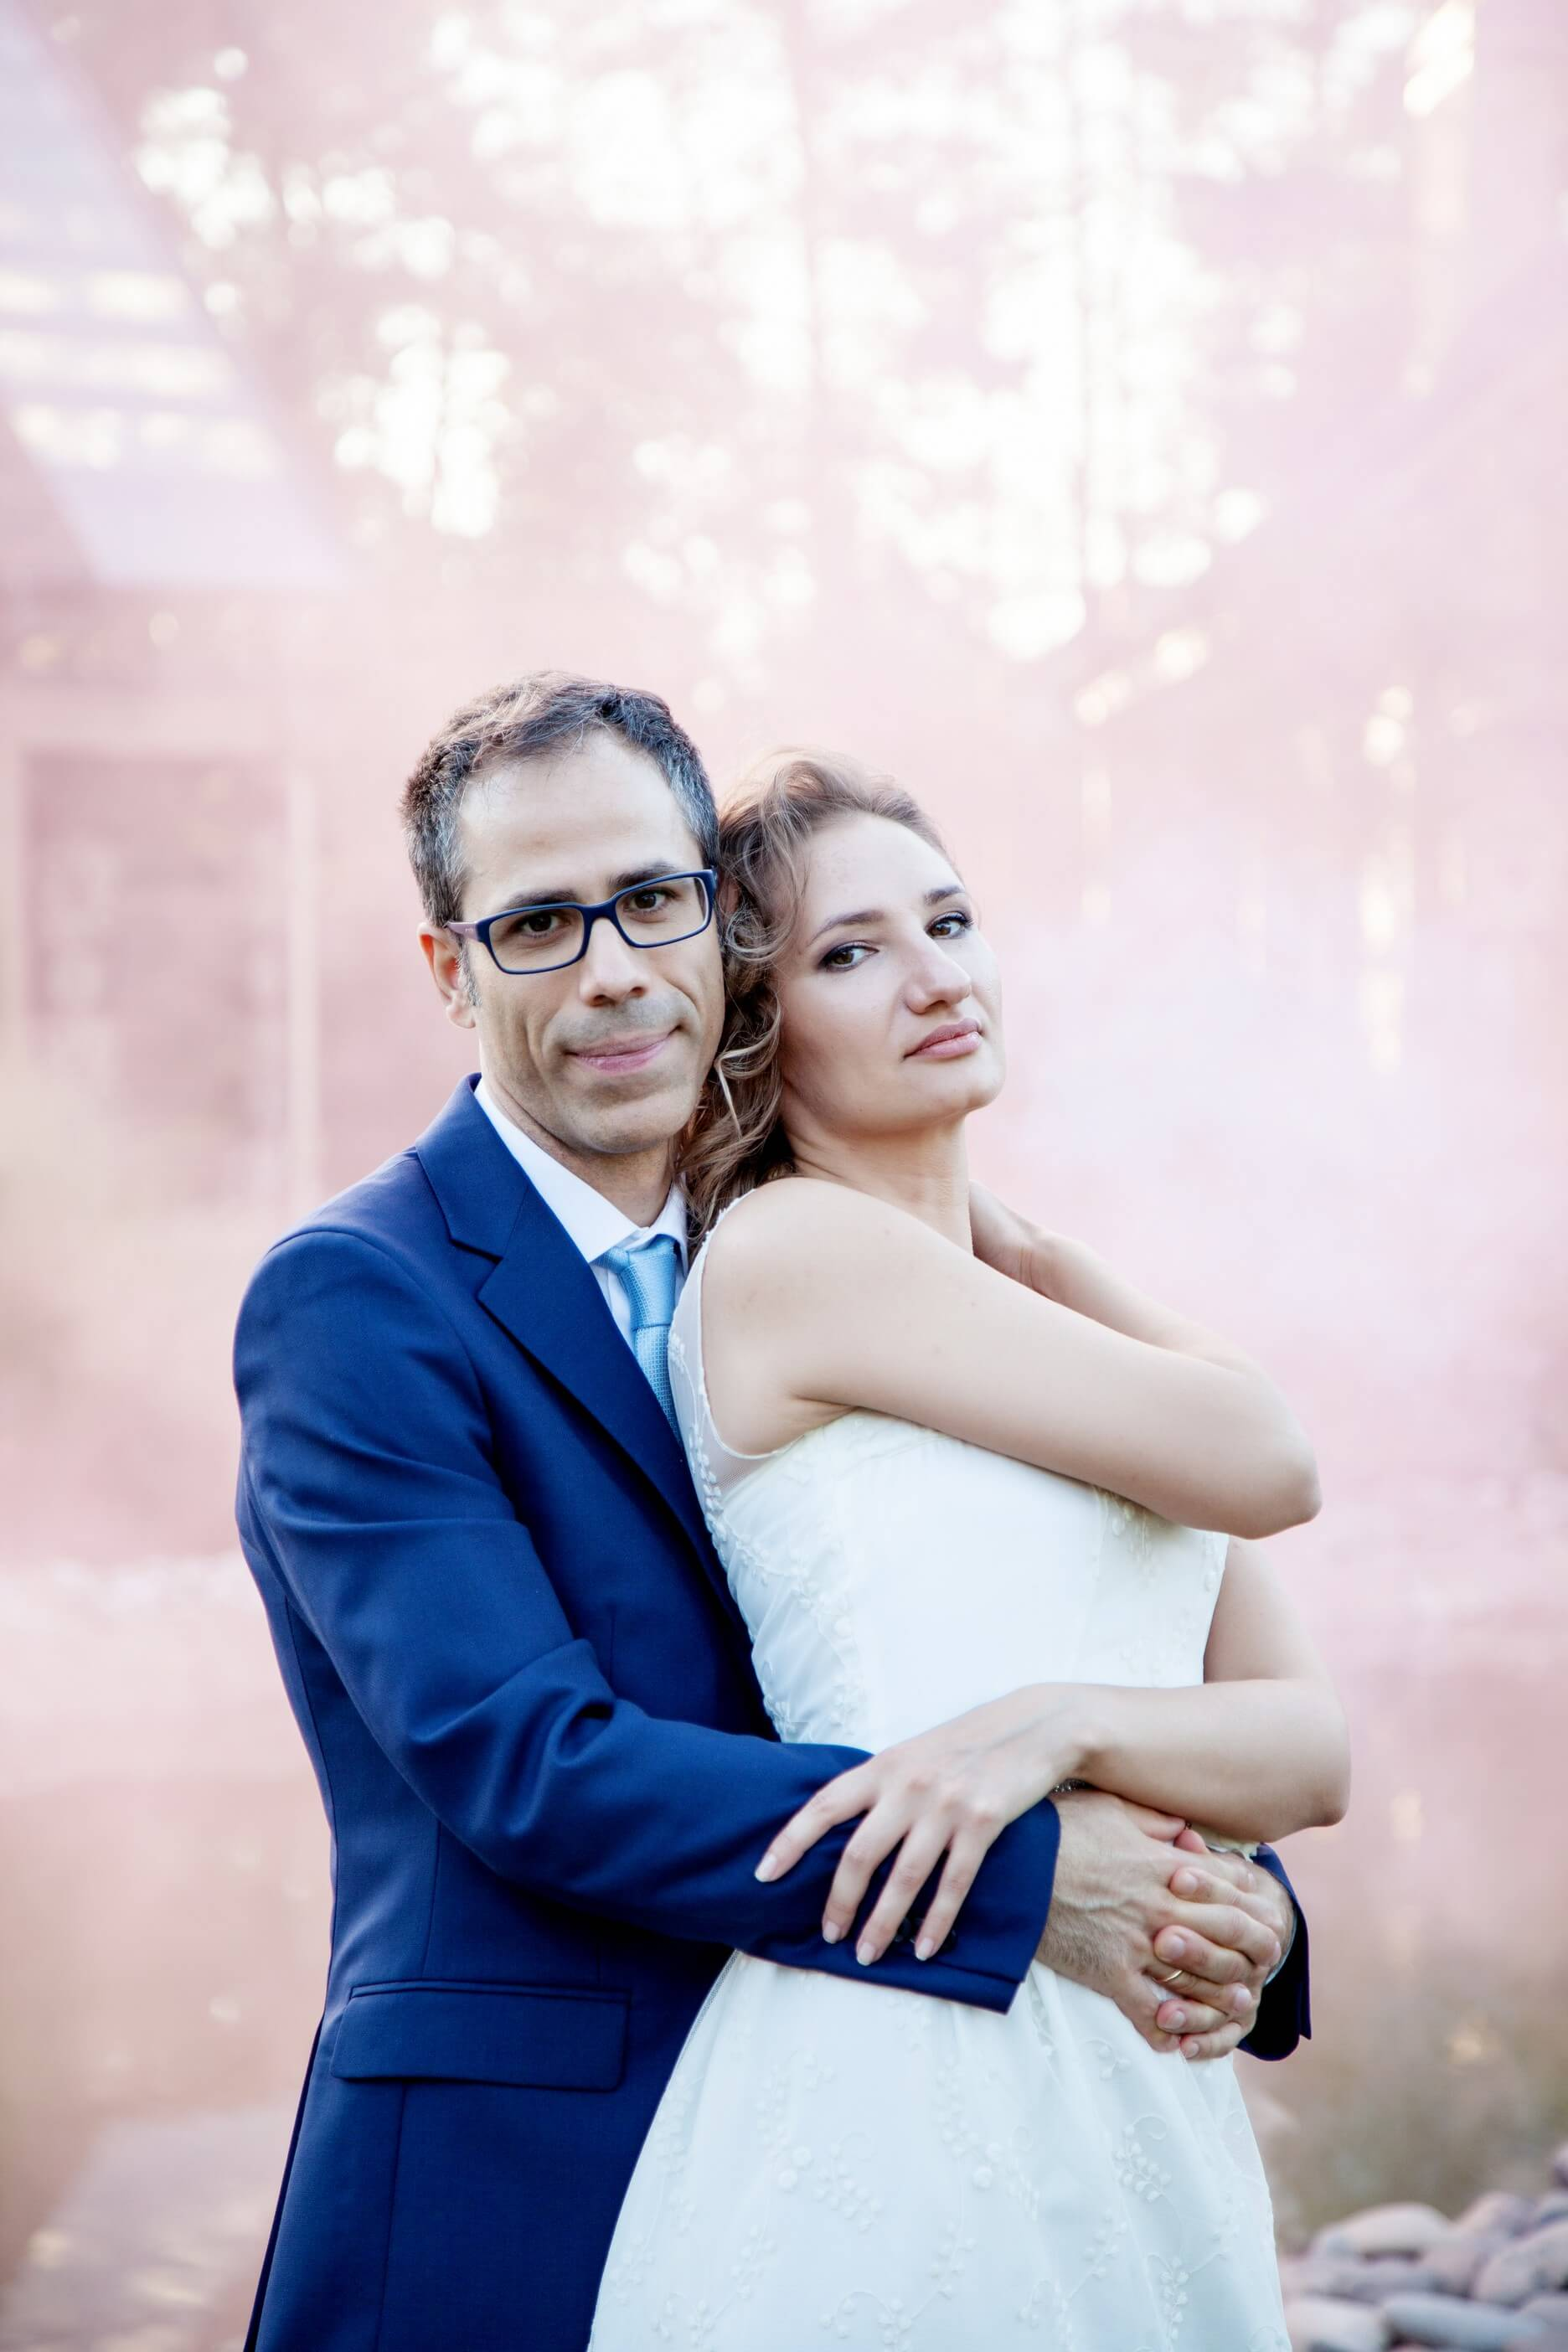 svadebnaja fotosessija s dymovymi shashkami (7)